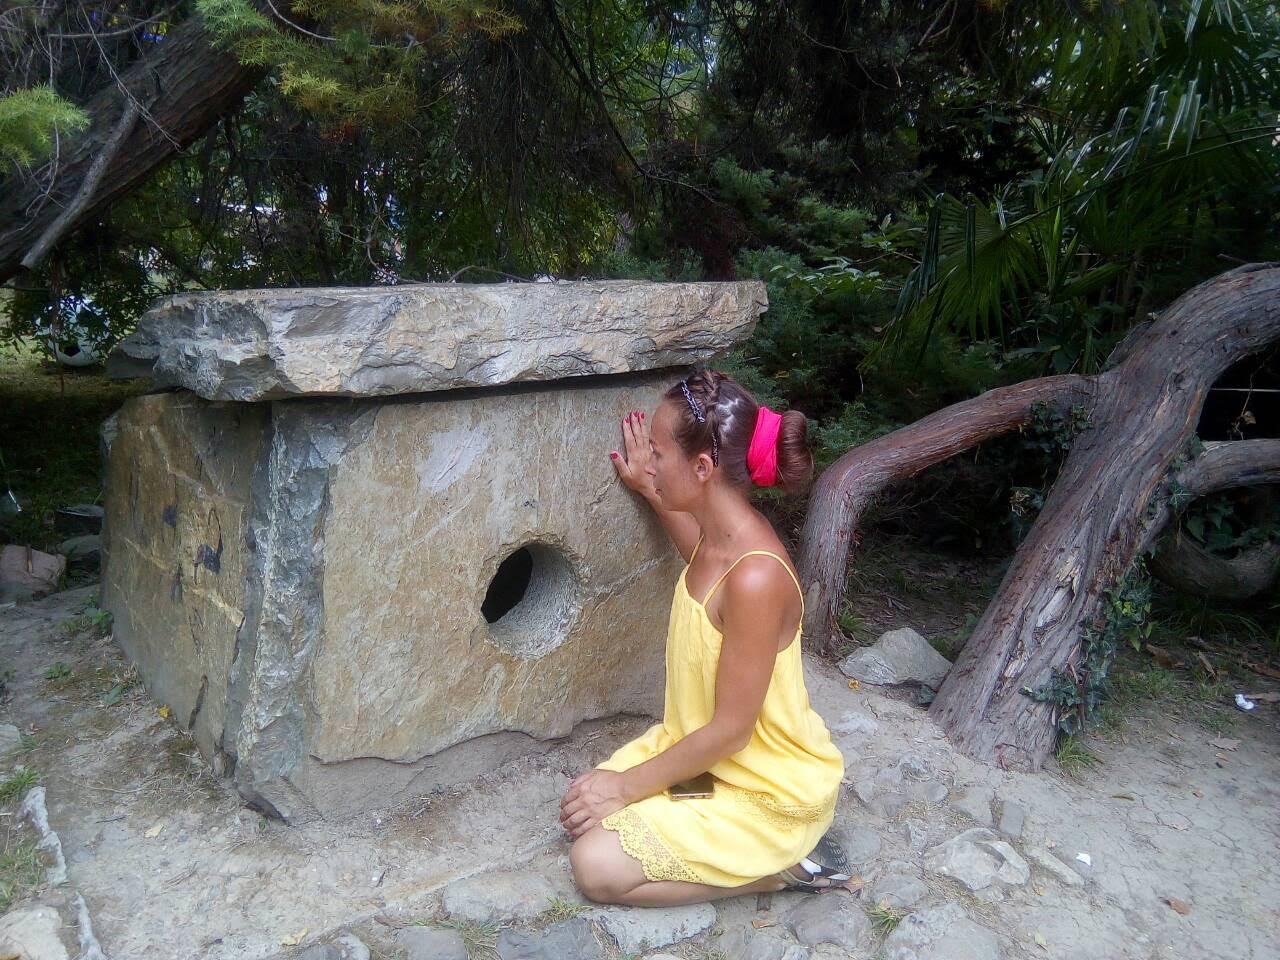 Дольмен в Парке Ривьера в Сочи